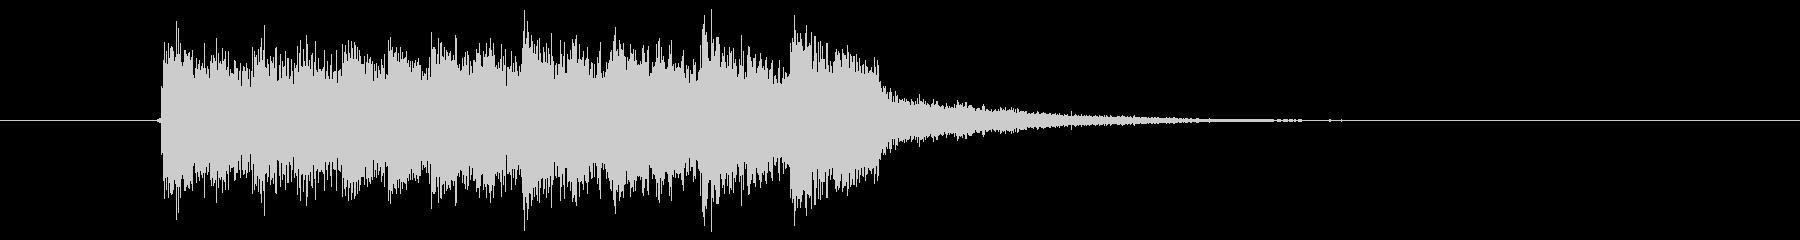 シリアスなシンセサイザー音(ミステリー)の未再生の波形